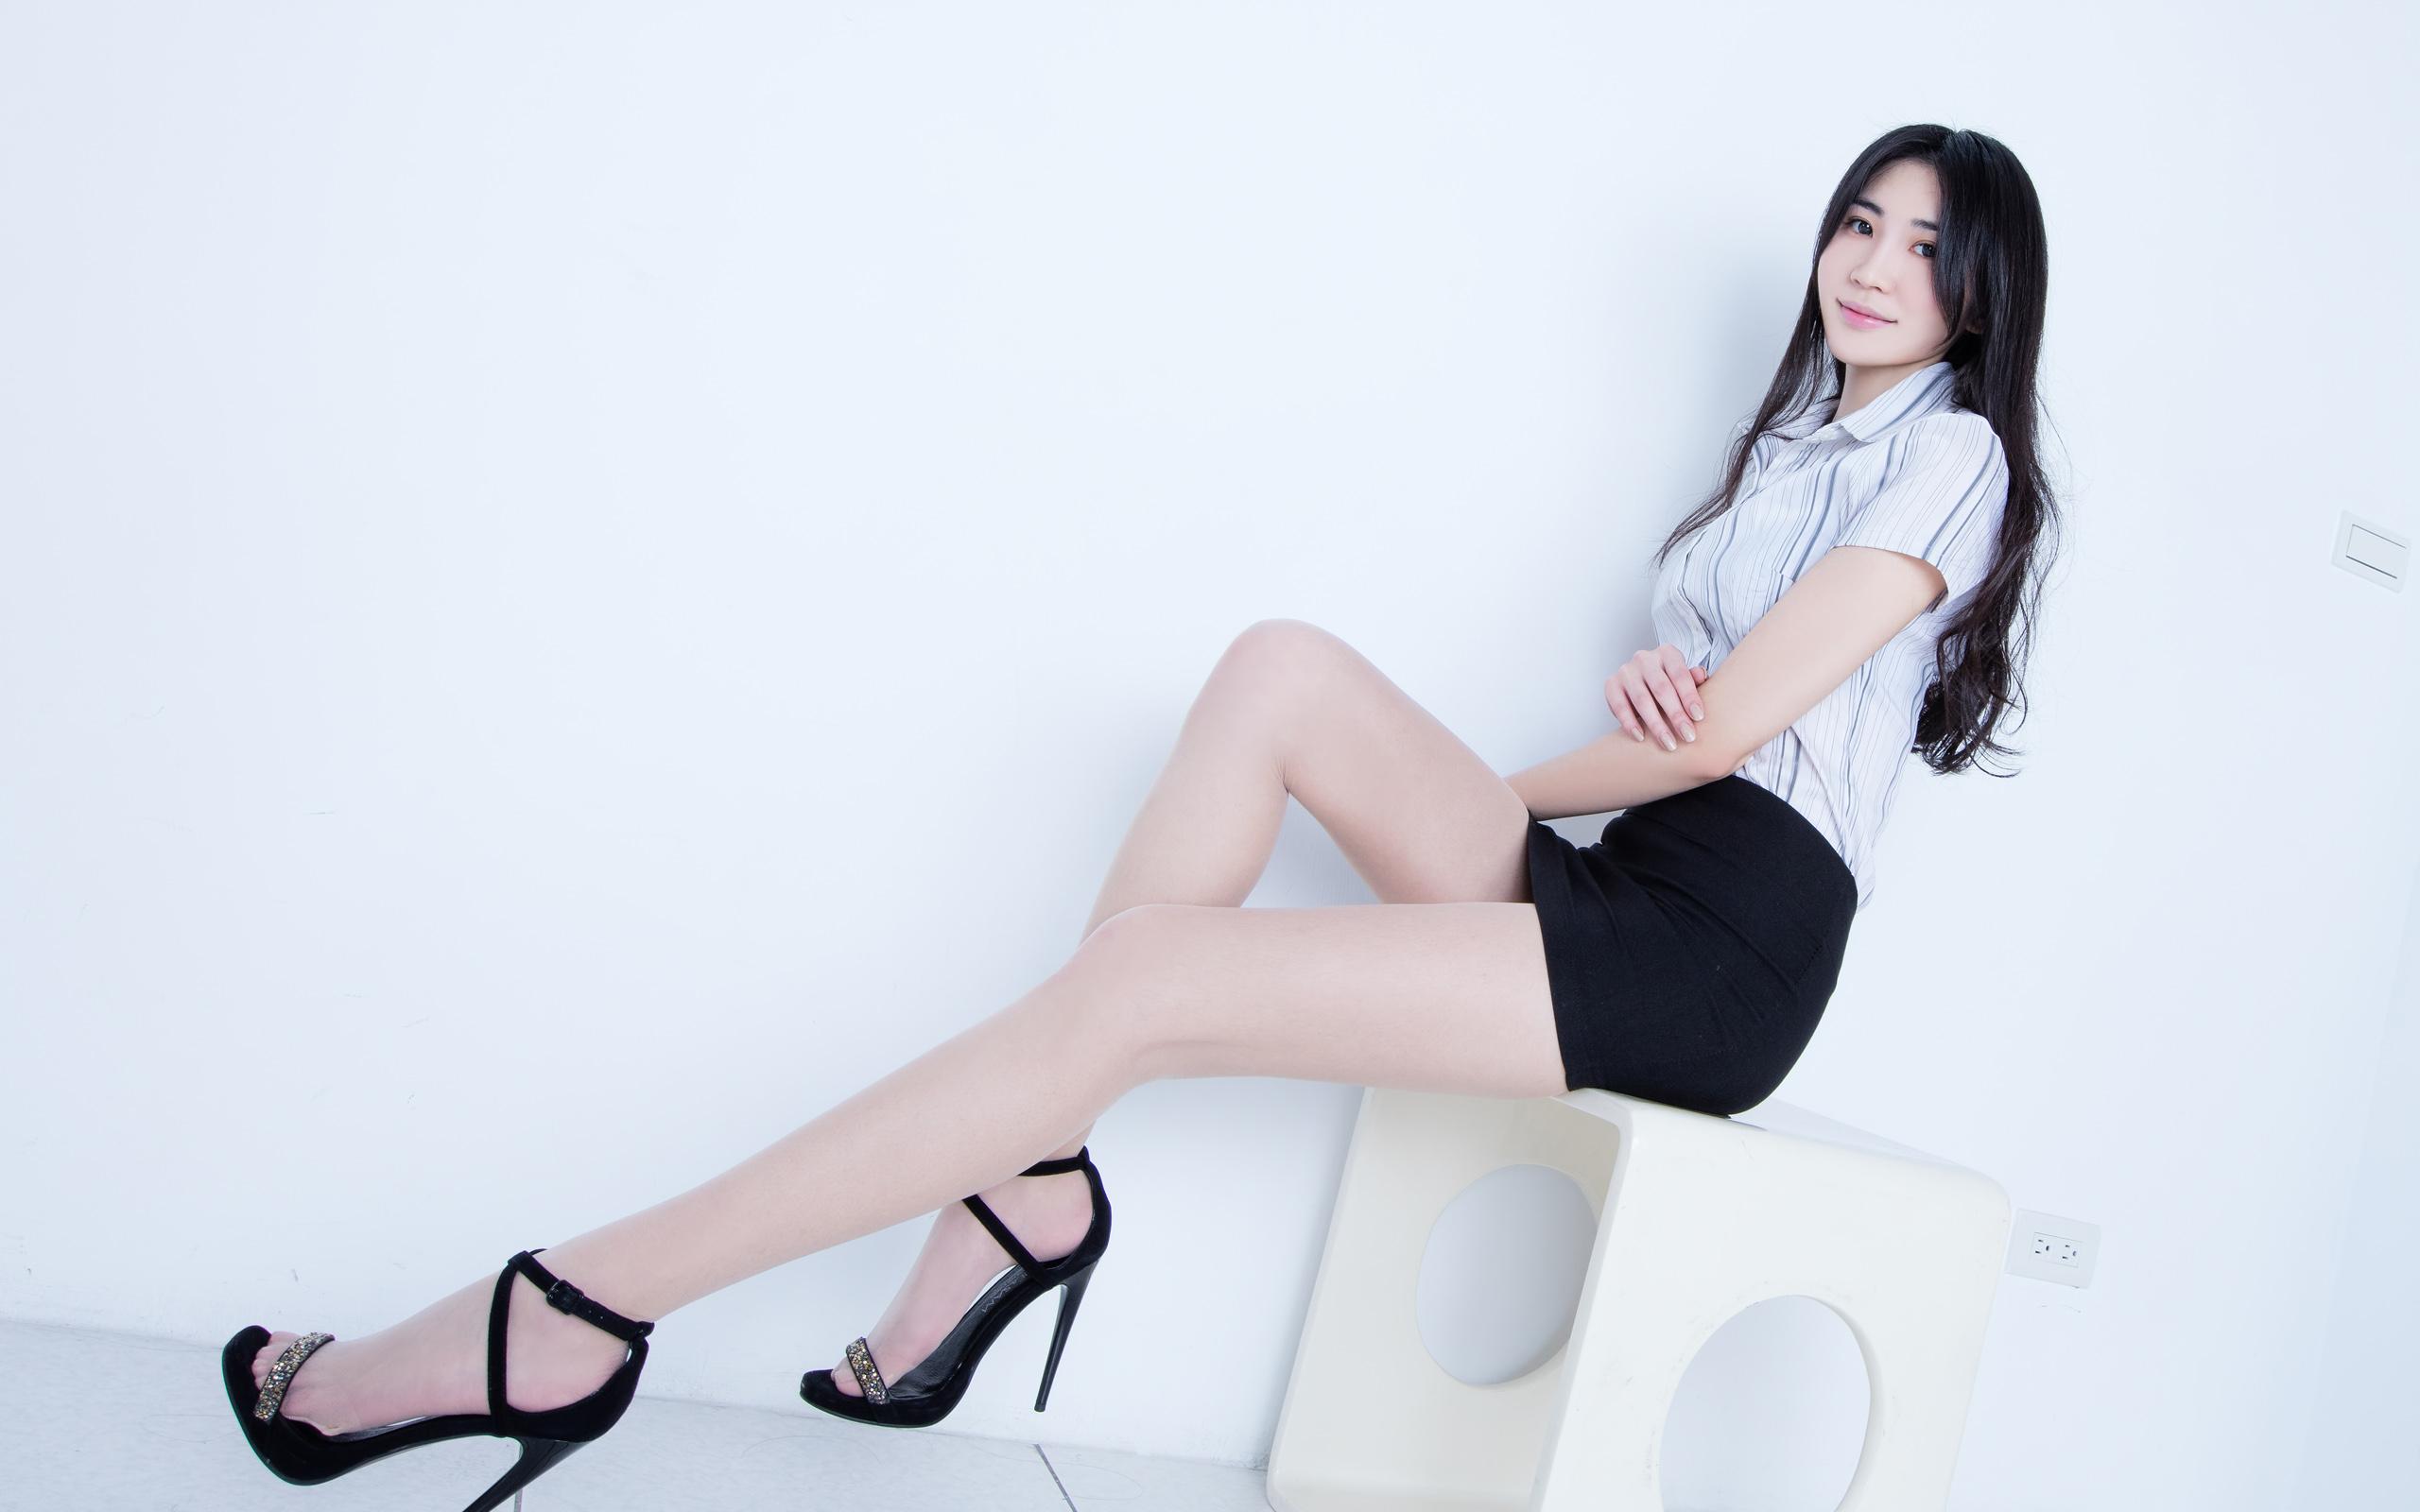 臺灣美腿美女Free - 花開有聲 - 花開有聲